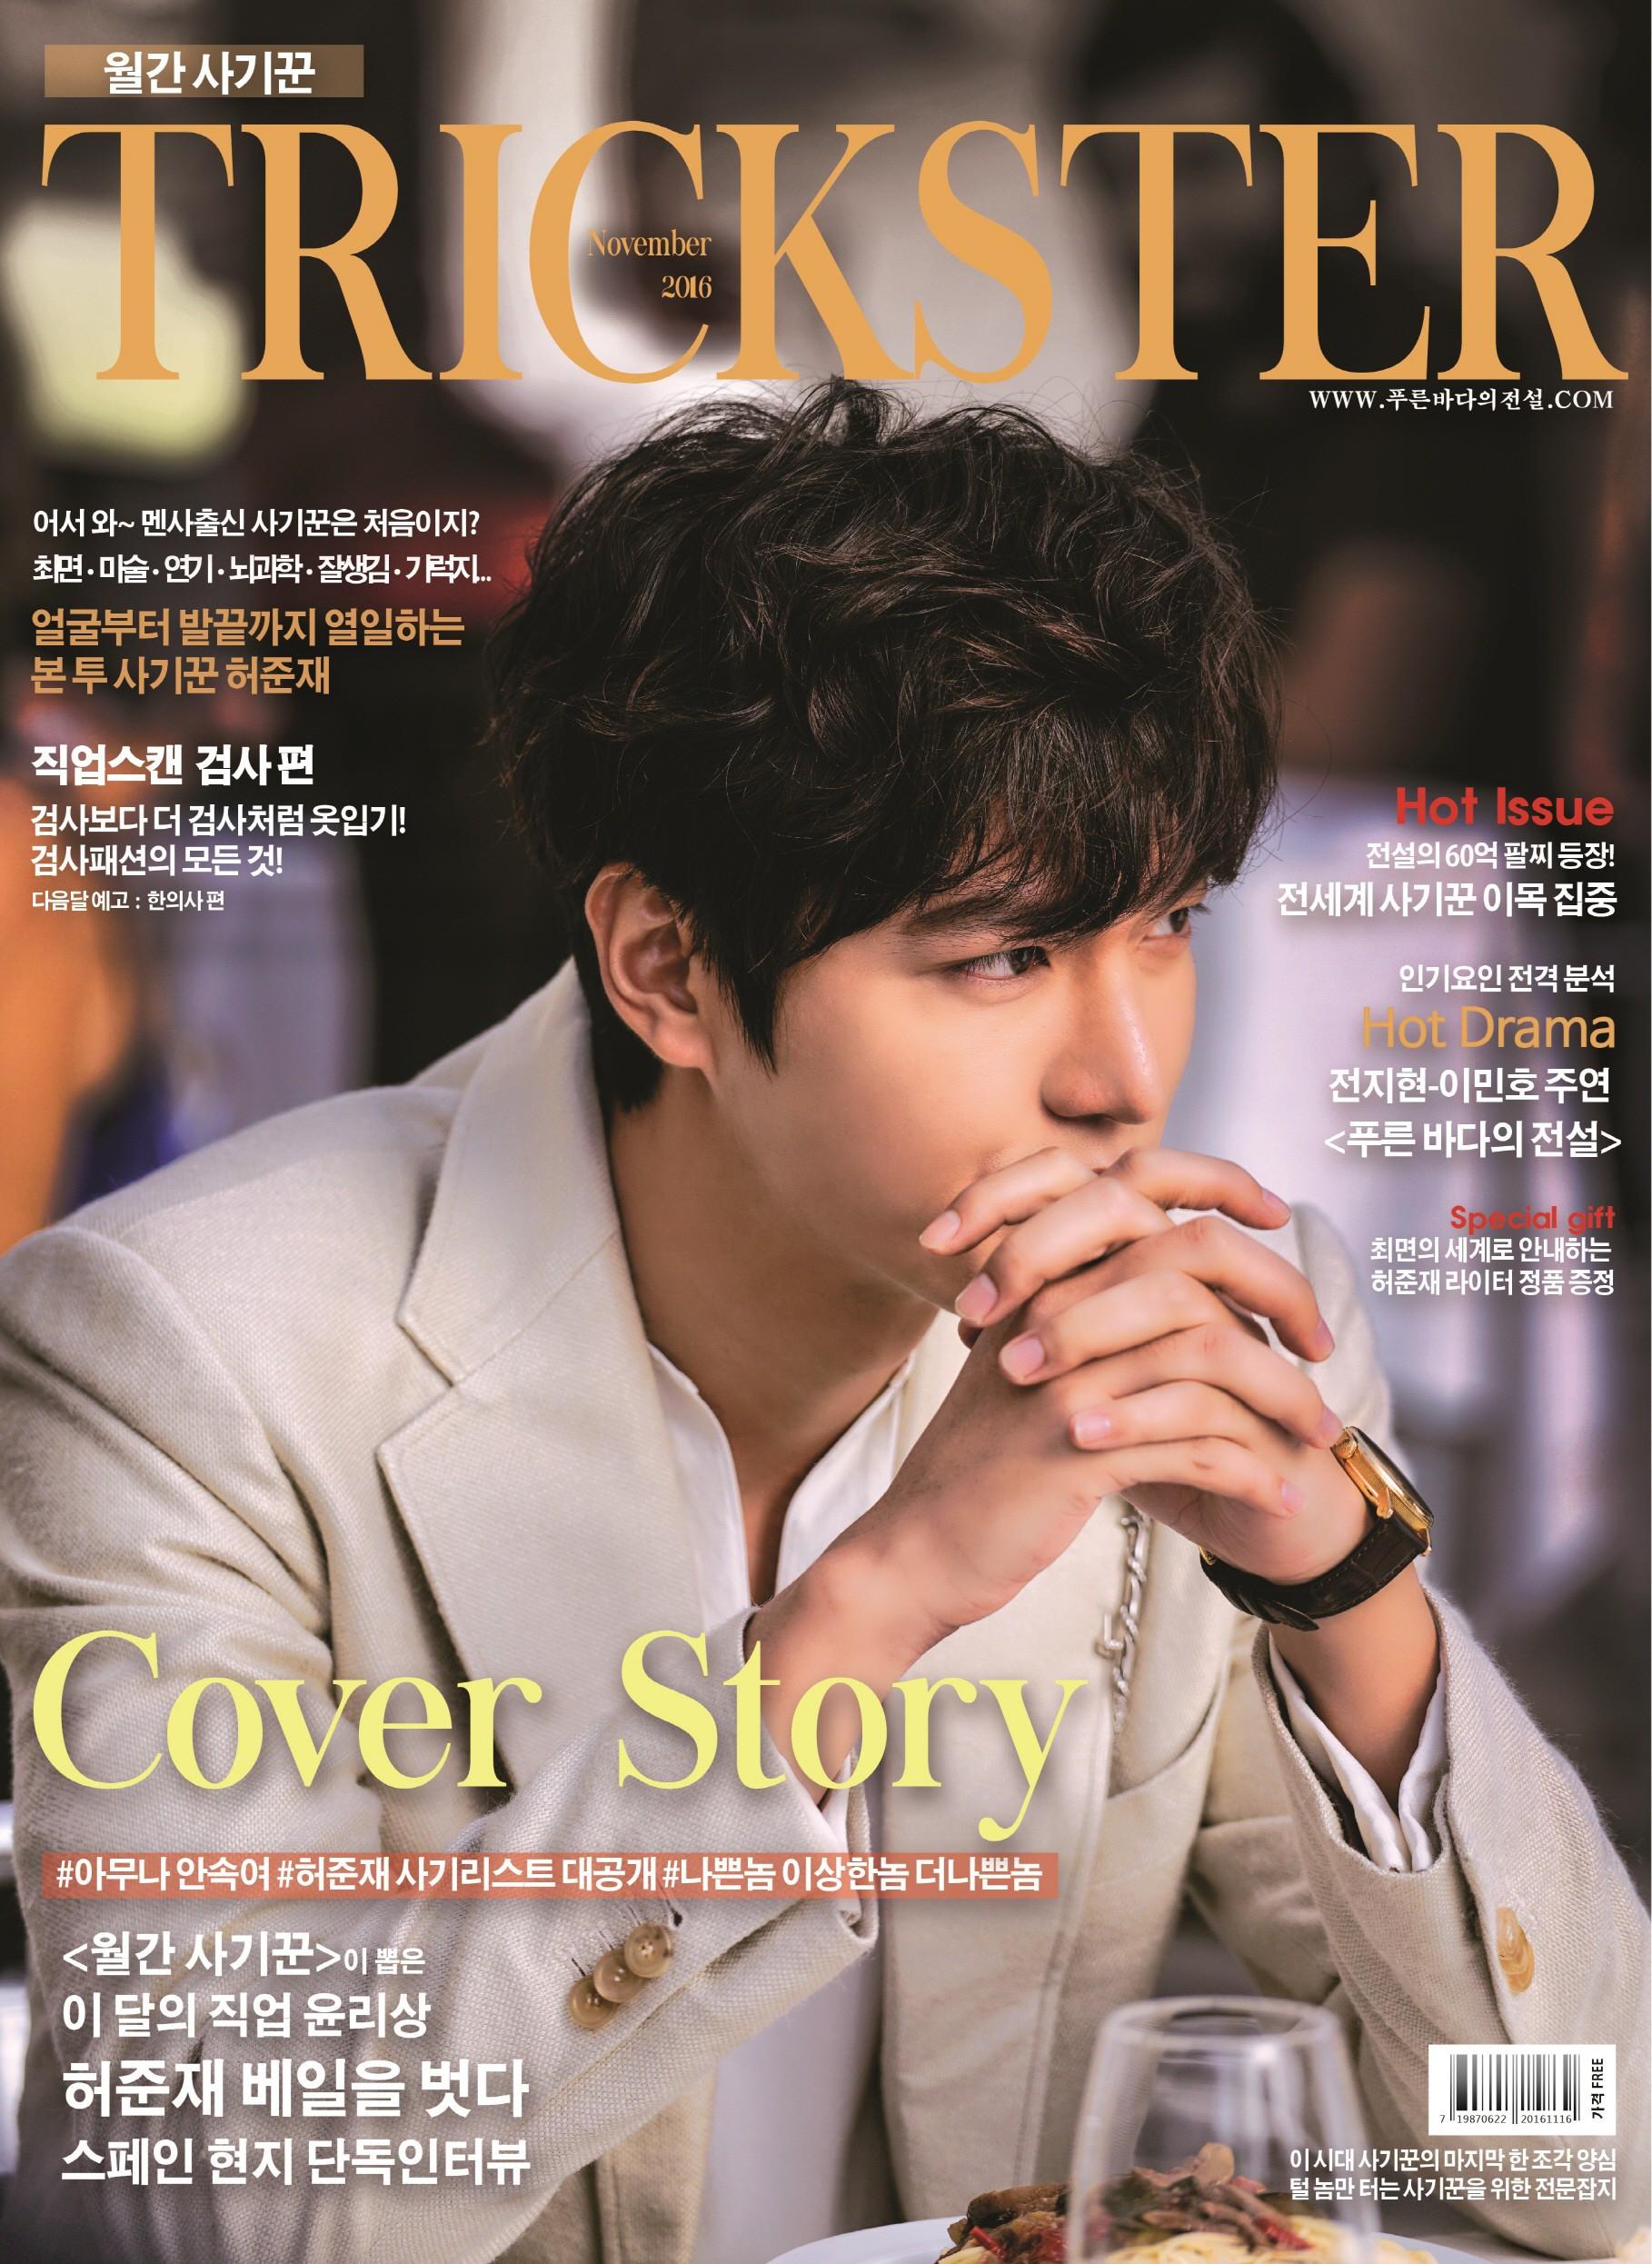 10 năm lột xác ngoại hình của Lee Min Ho: Từ nam thần Vườn sao băng thành tài tử với loạt màn tăng cân gây sốc - Ảnh 24.